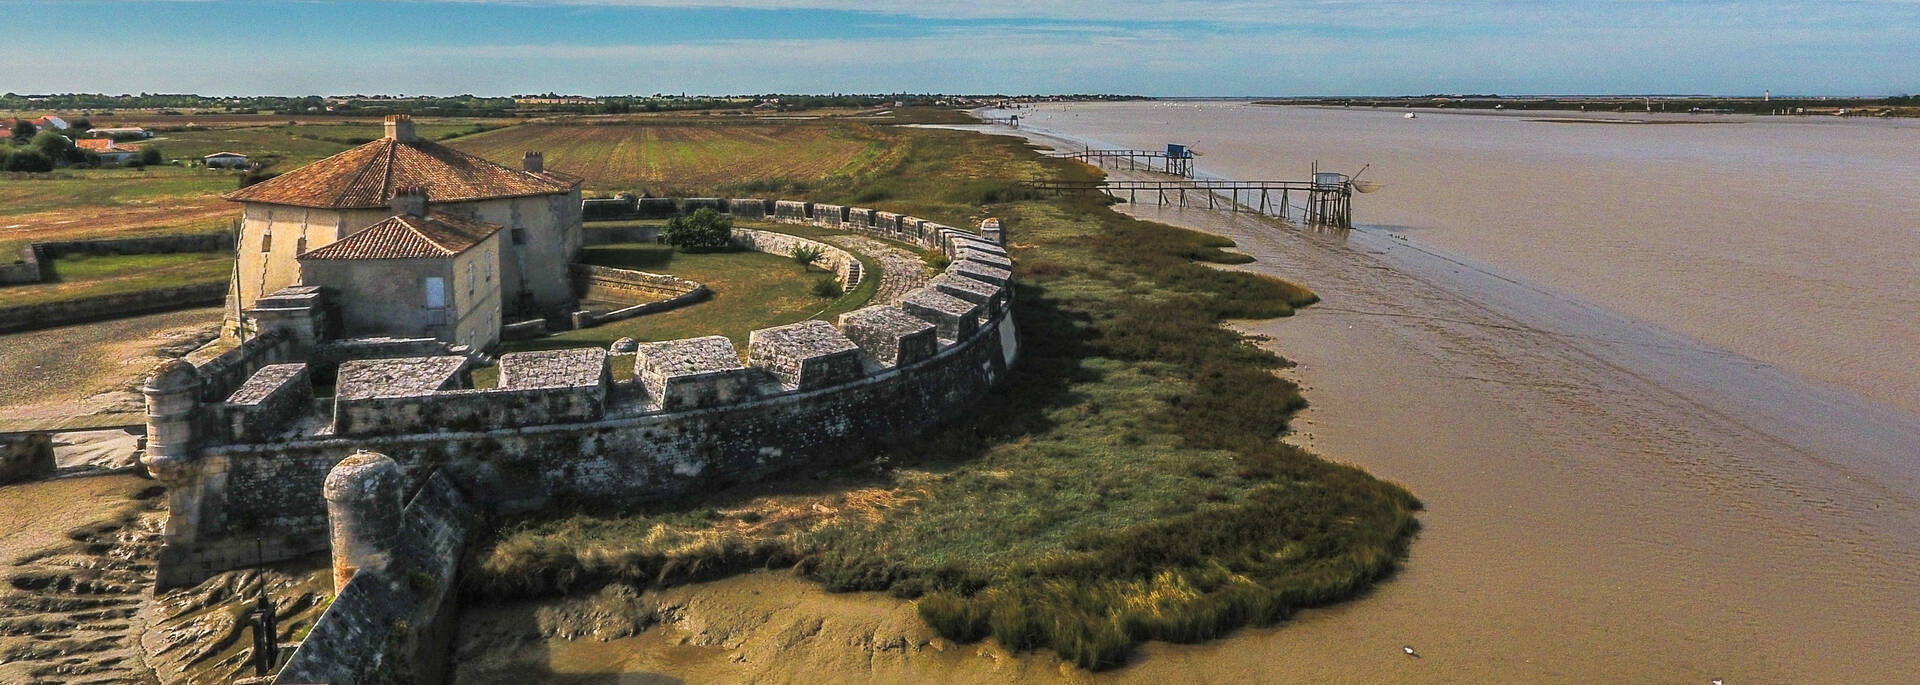 Le fort Lupin protège l'estuaire de la Charente - © Images & Émotion